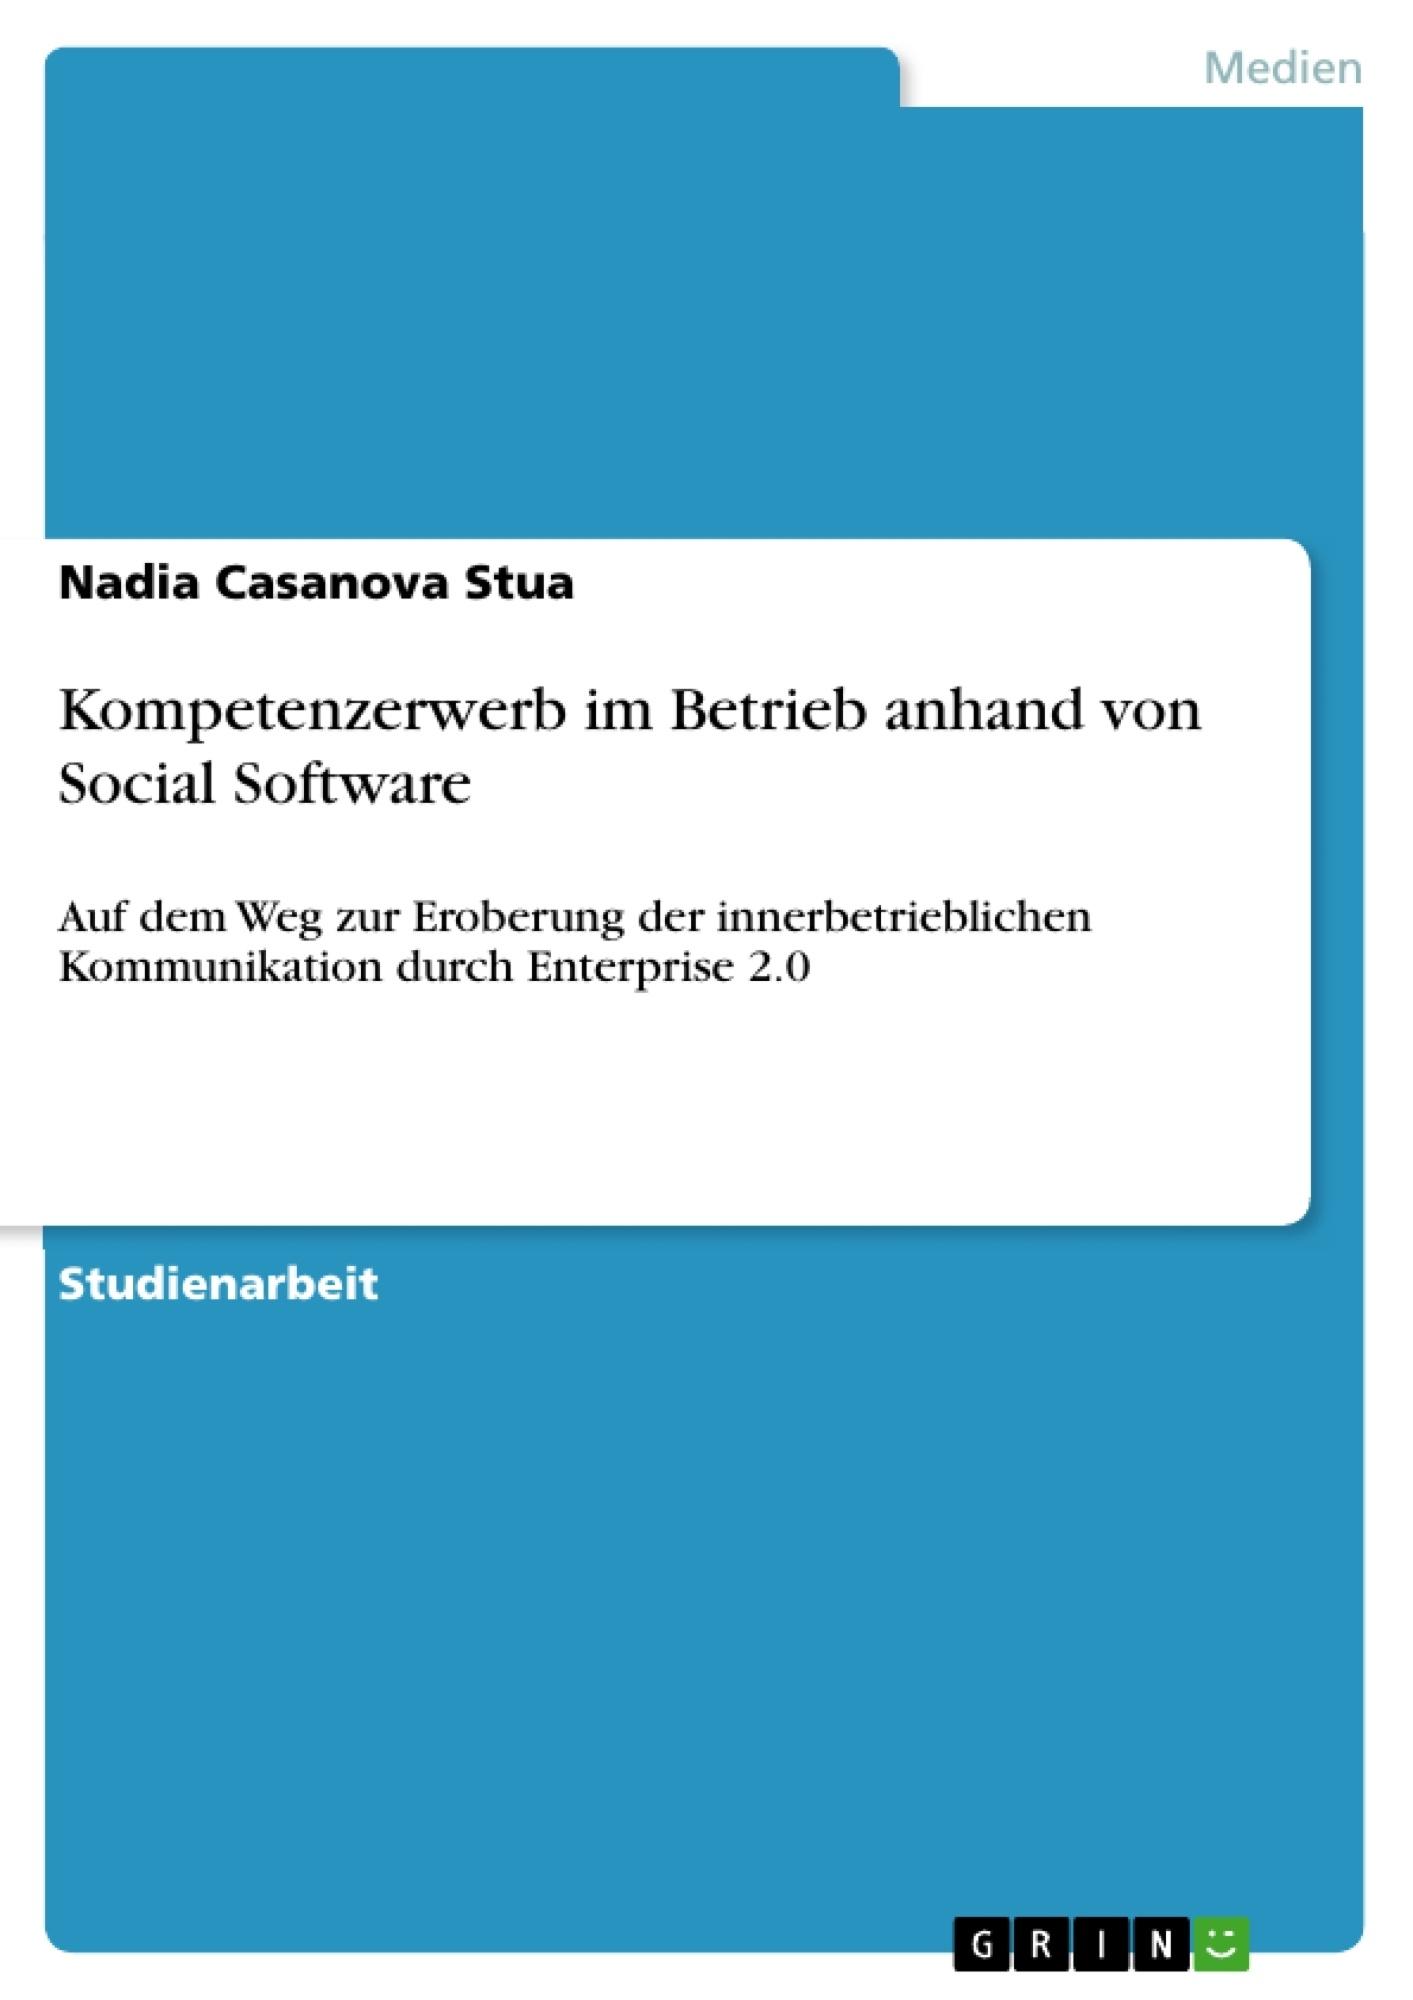 Titel: Kompetenzerwerb im Betrieb anhand von Social Software